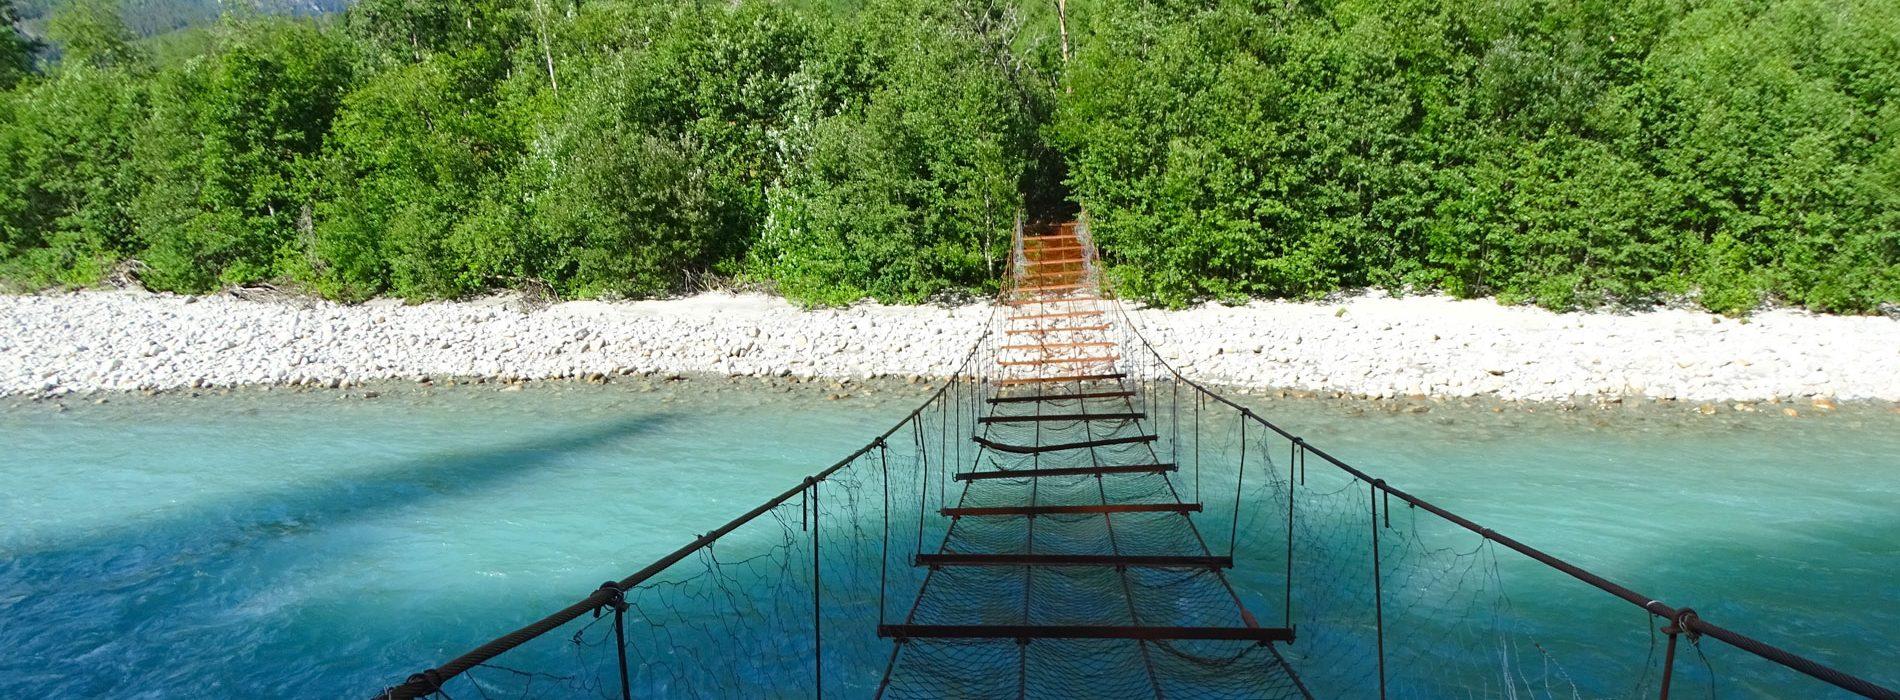 Norway-Bridge-header2